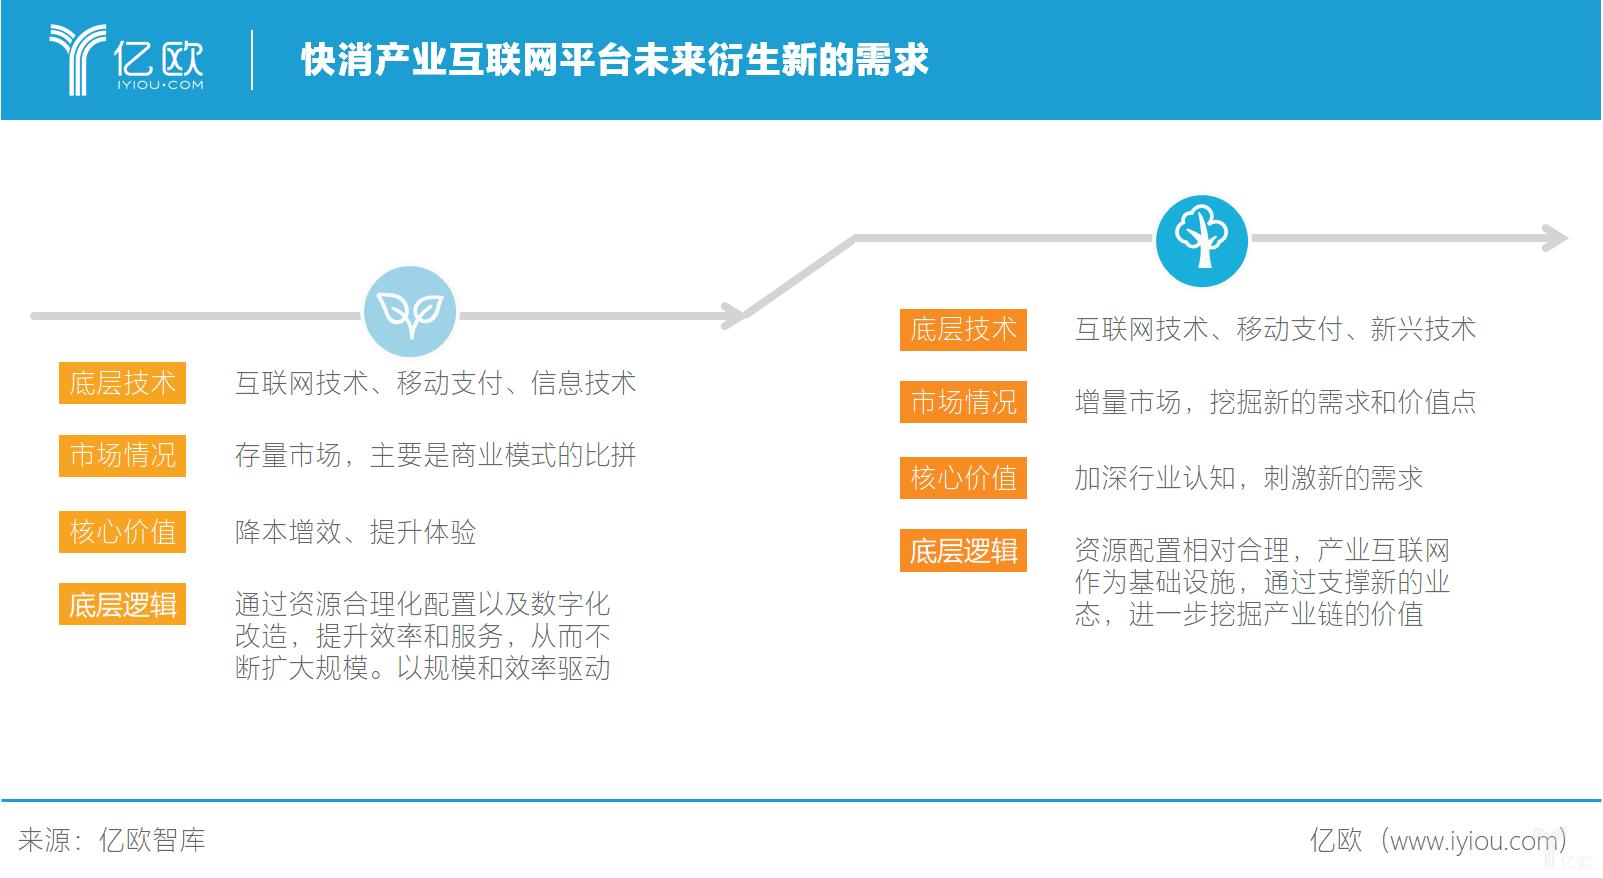 亿欧智库:未来快消产业网的新需求.png